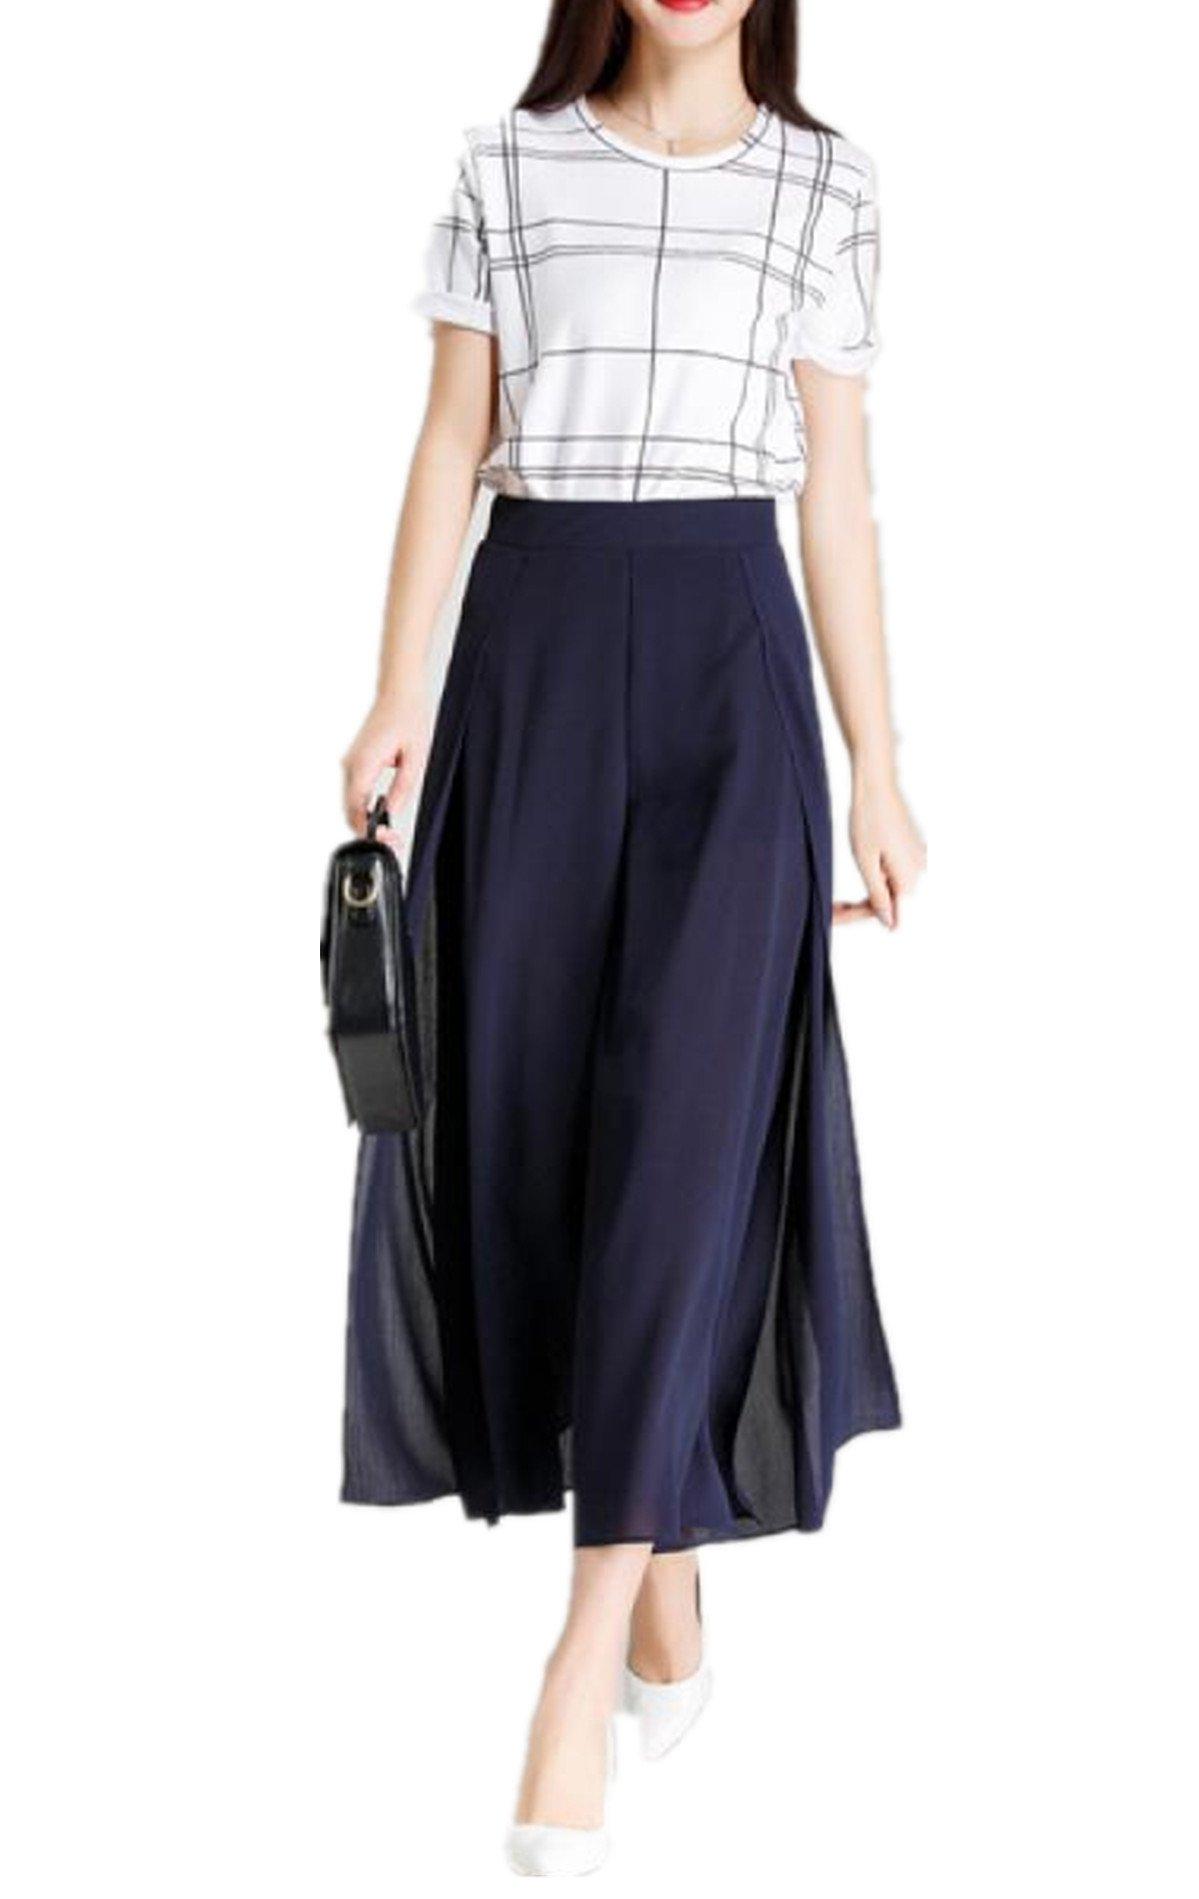 Tengfurich Tengfu Women's Summer Chiffon Chic Capri Wide Leg Palazzo Maxi Skirt Pants Blue